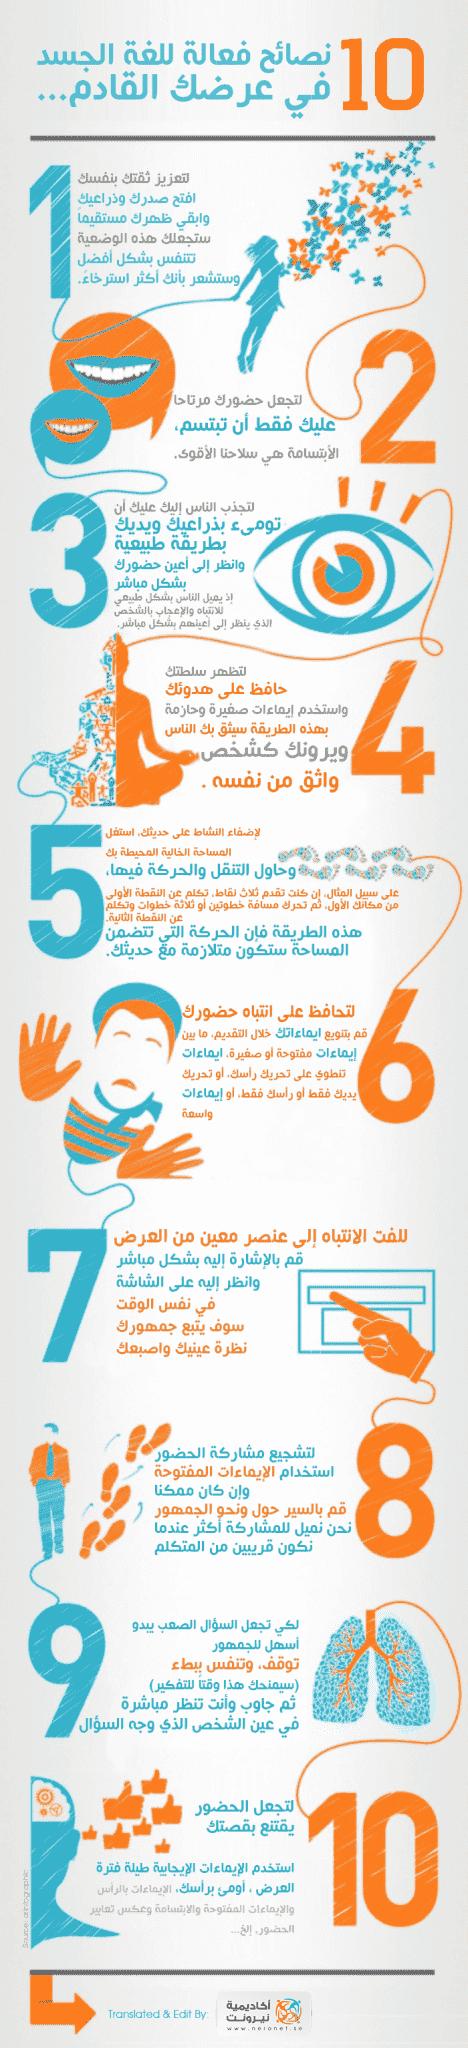 10 نصائح فعالة للغة الجسد في عرضك التقديمي القادم ...